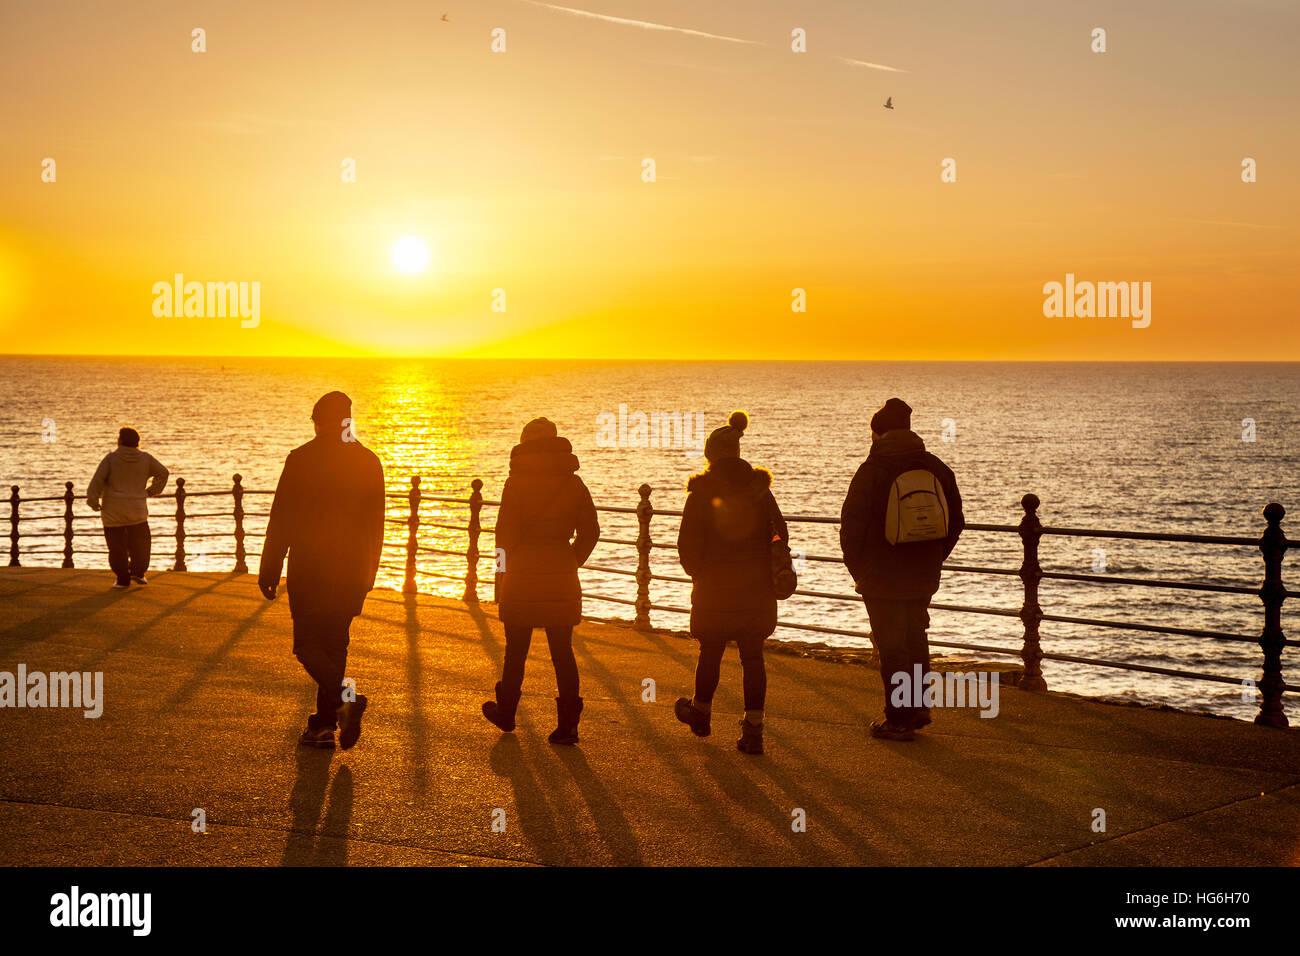 Promenade promenade côtière, coucher de soleil, les gens, l'ombre, marcher, silhouette, ciel, personne, Photo Stock